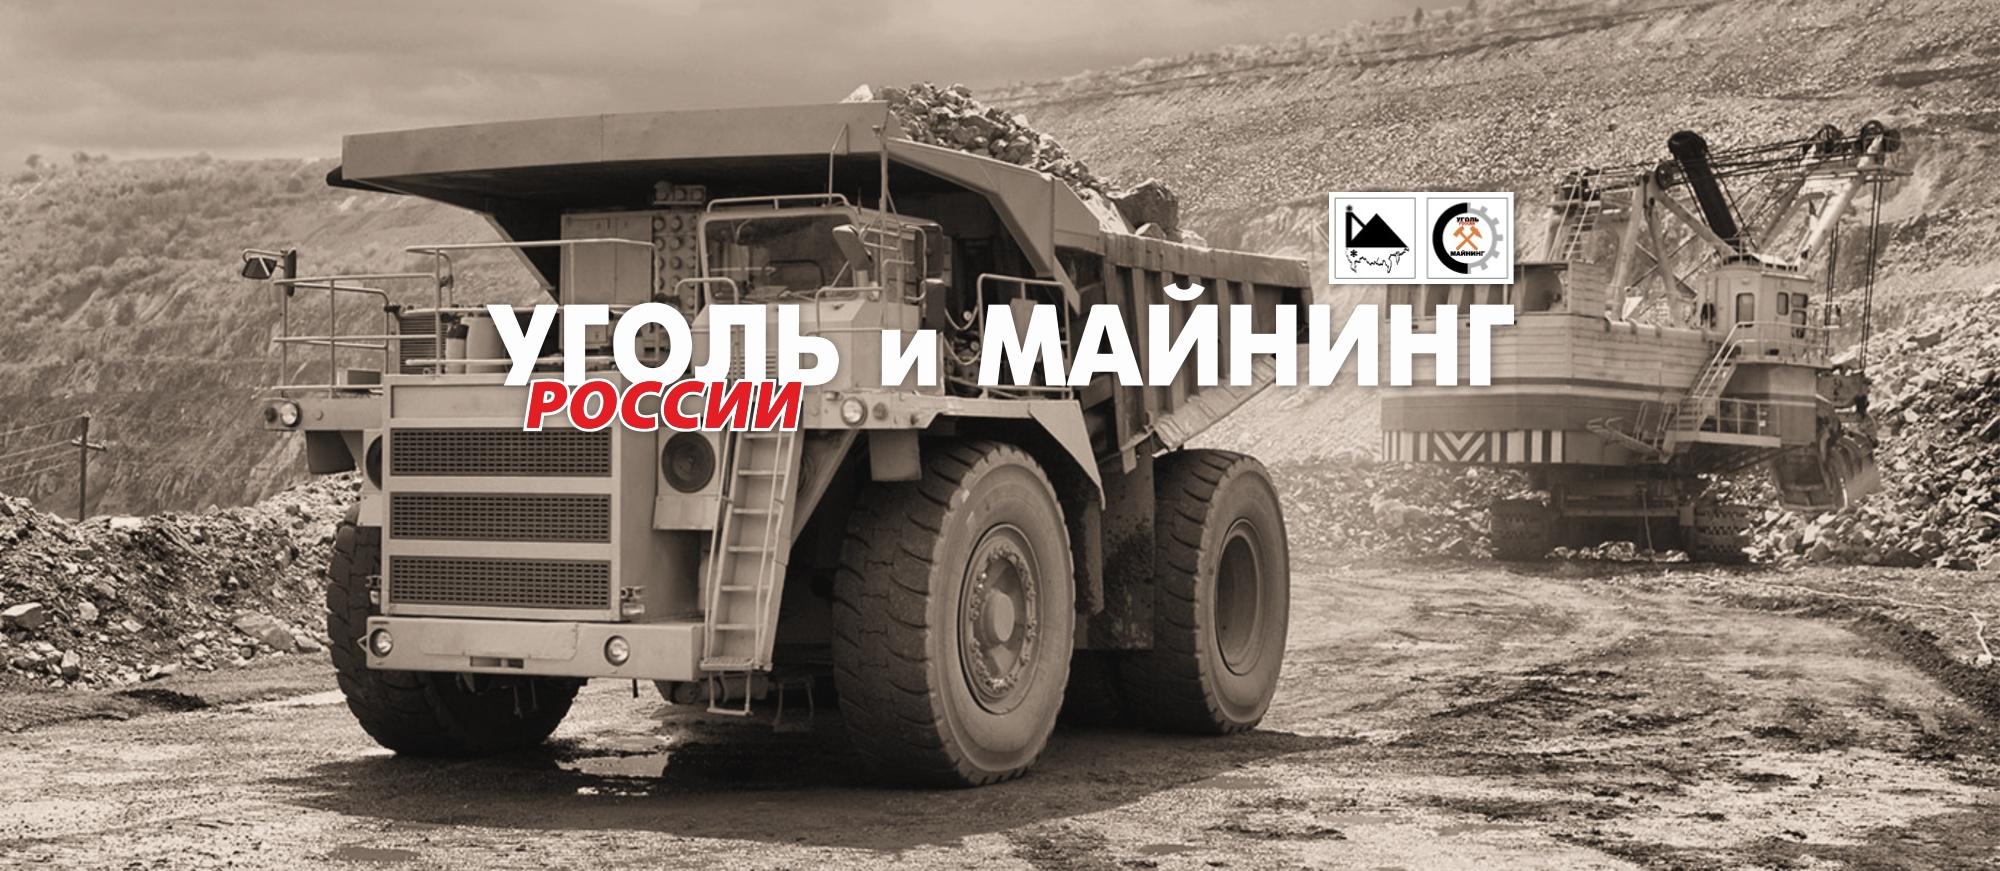 Уголь России и майнинг — 2019